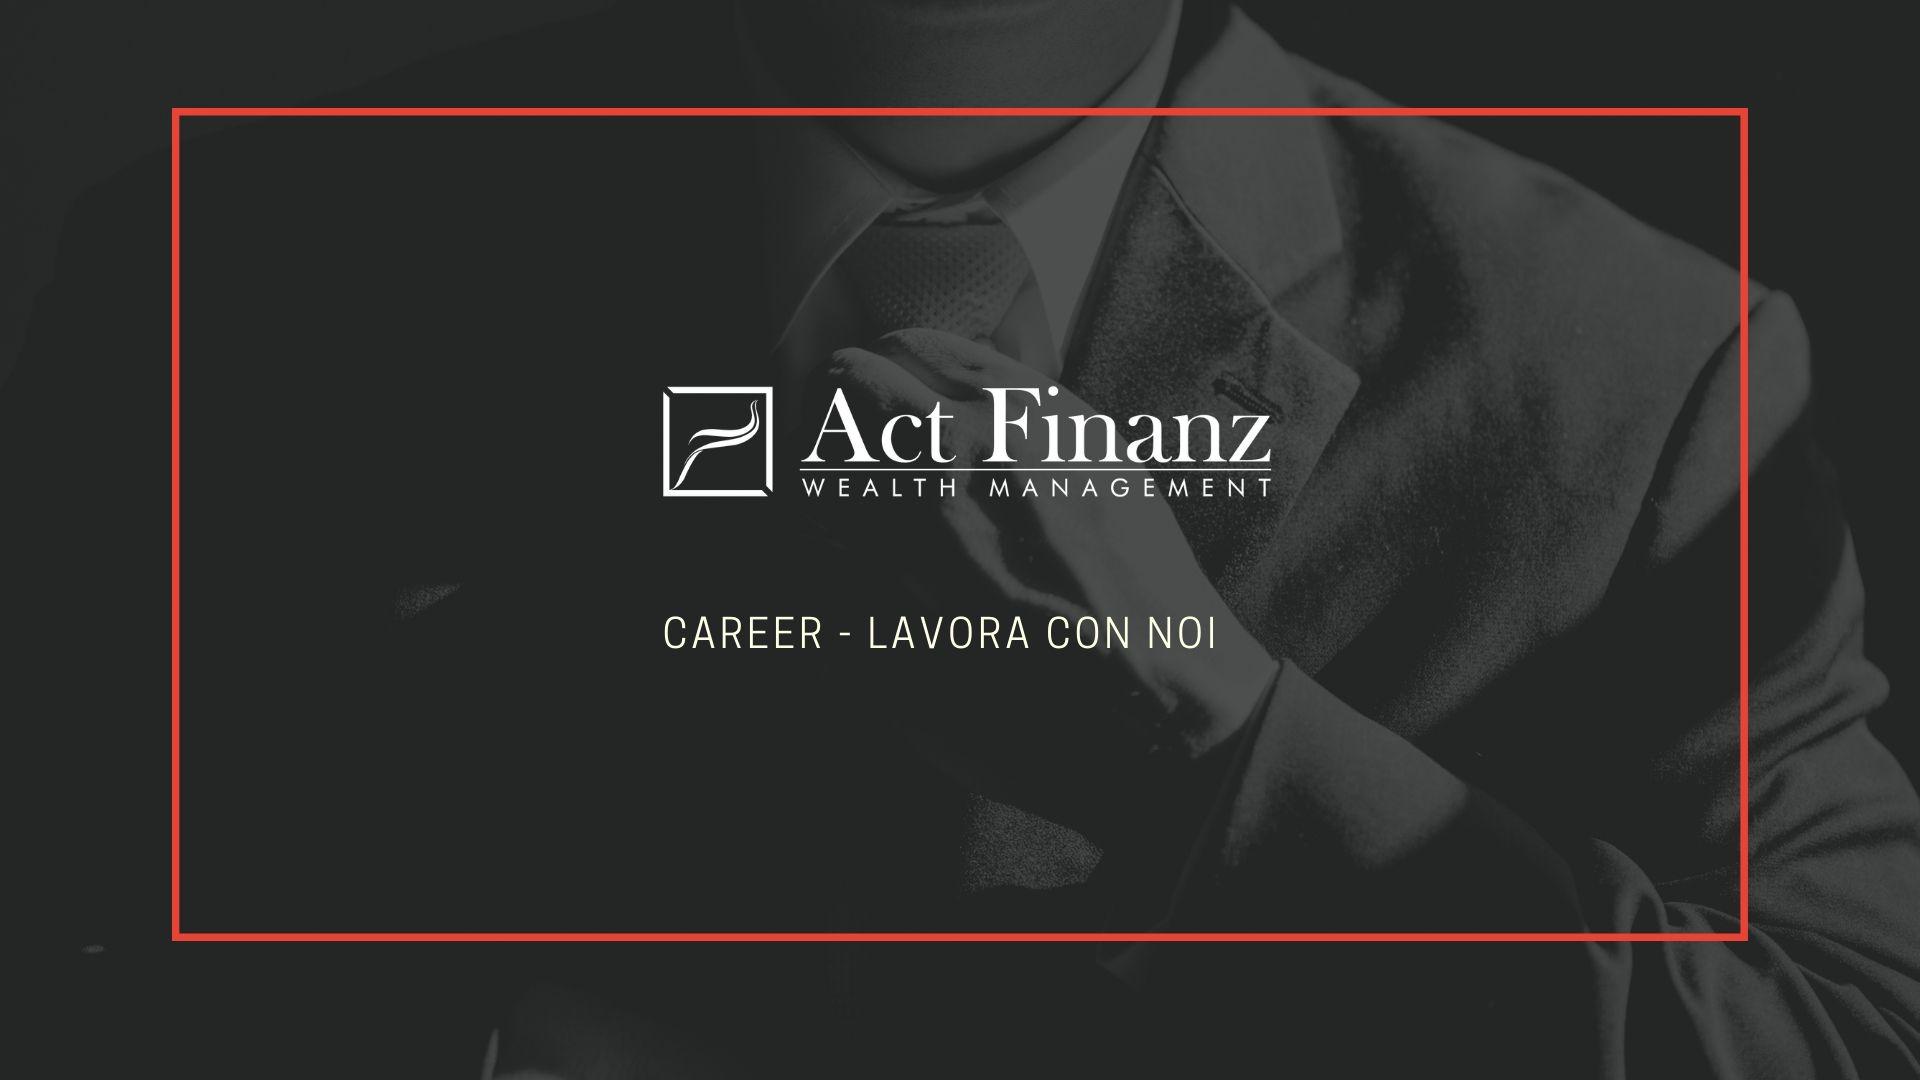 Act Finanz lavora con noi